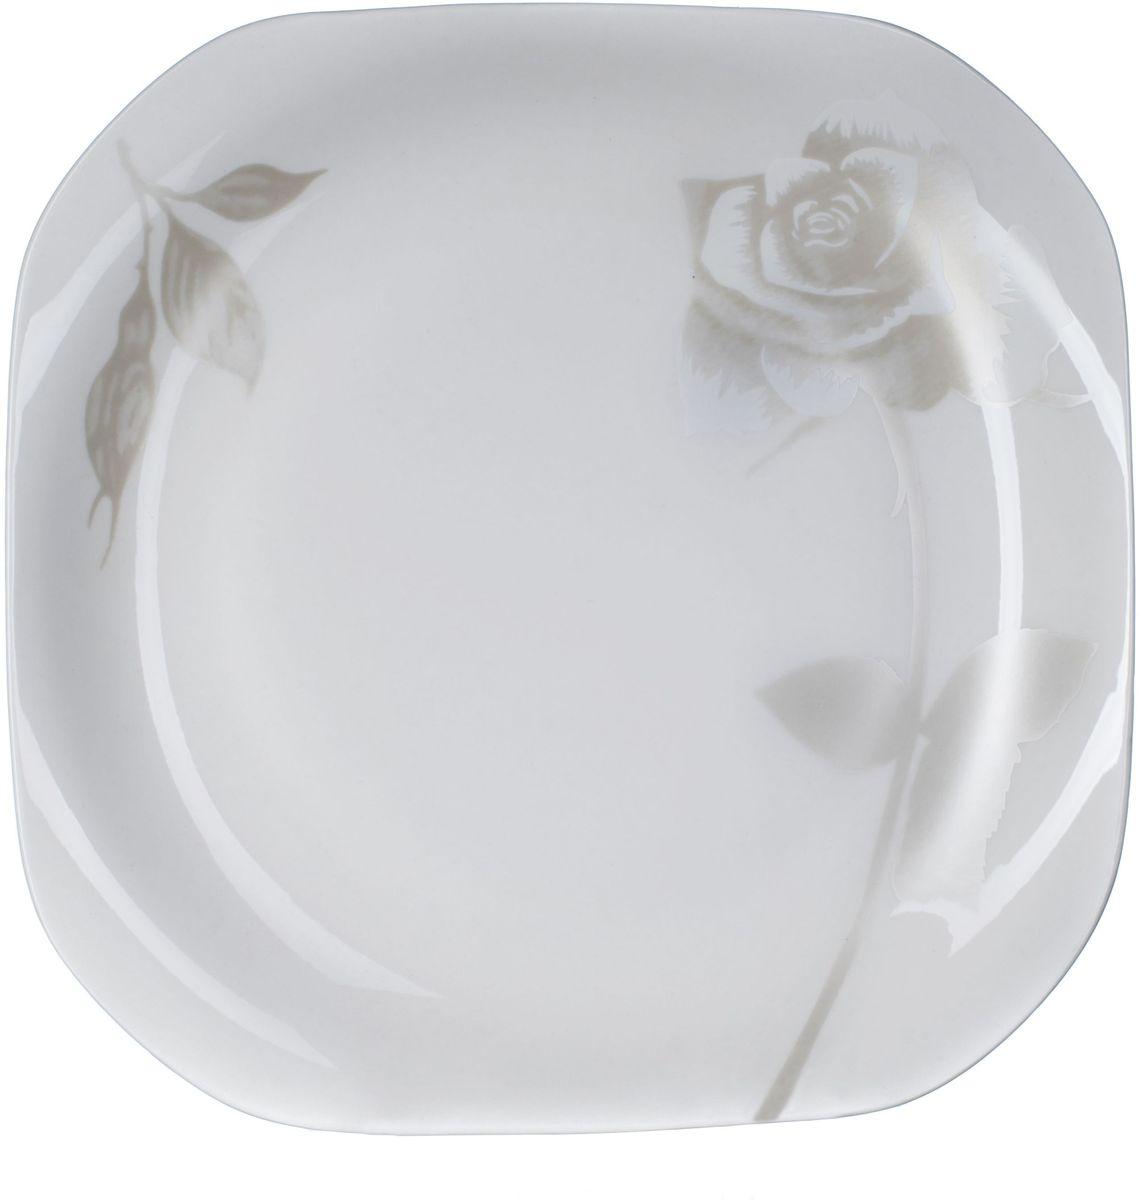 Тарелка подстановочная Elff Decor Рейчел, 27 см2300-817Тарелка Рейчел изготовлена из фарфора. Подстановочная тарелка - это особый вид тарелок. Обычно она выполняет исключительно декоративную функцию. Такая тарелка изысканно украсит сервировку как обеденного, так и праздничного стола.